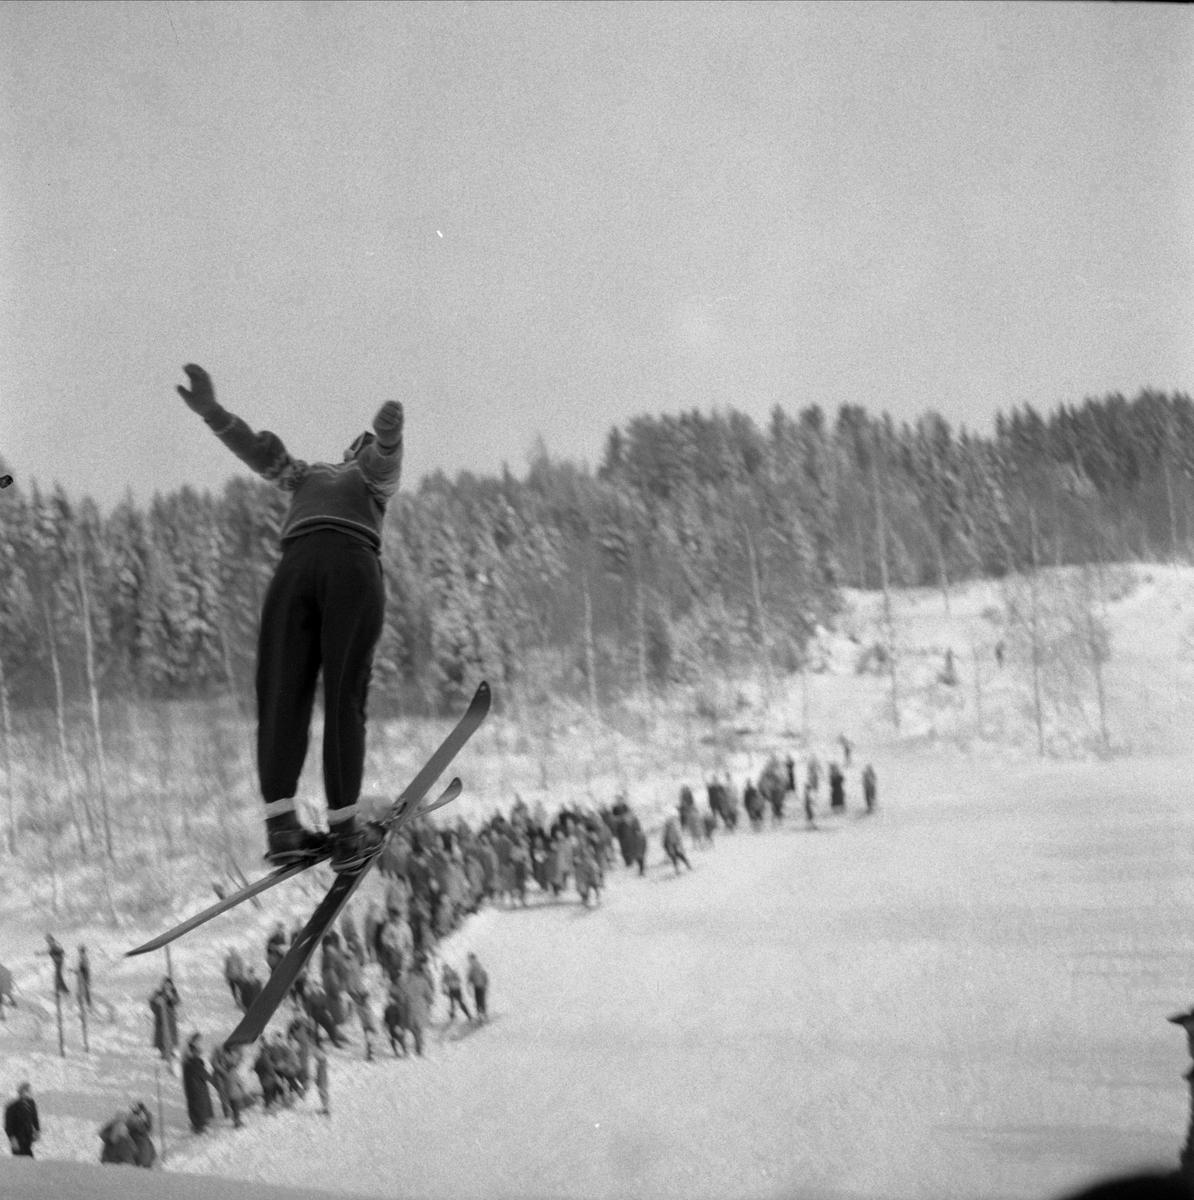 """Hopprenn i Revhibakken, """"Revhiet"""", Skøienbakken. Hoppbakke, skirenn, skihopper.  Se artikkel i Lautin 2011 av Arne Gunnar Barflo """"Hoppbakker i Løten"""" SE BOKA PÅ ET HUNDREDELS SEKUND, LØTEN OG OMEGN 1957-1964 I ORD OG BILDERAV HELGE REISTAD S. 123."""